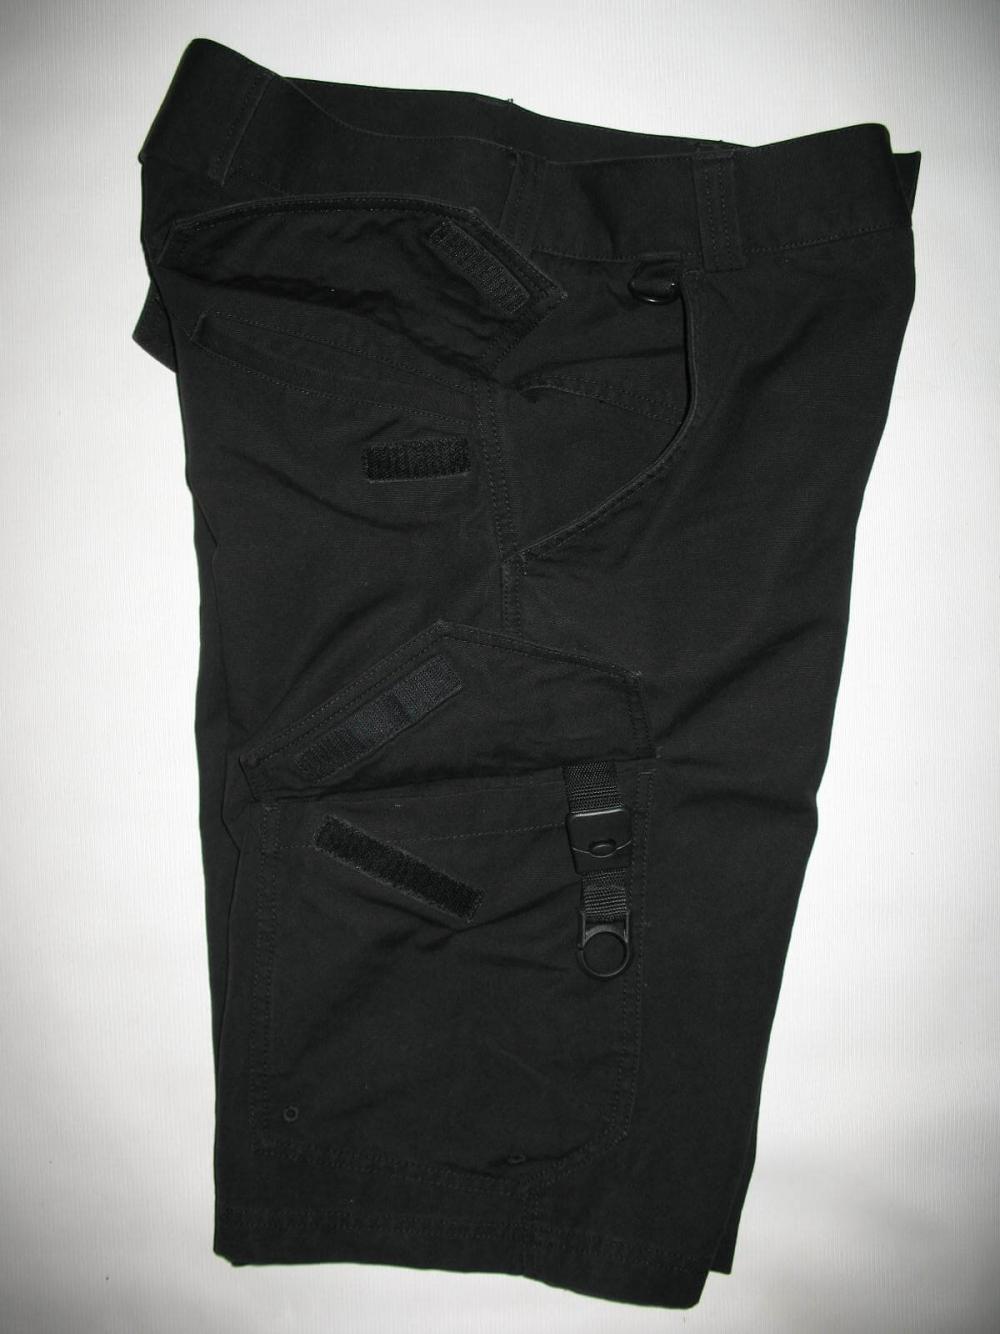 Шорты EASTPAK engel shorts (размер M) - 6